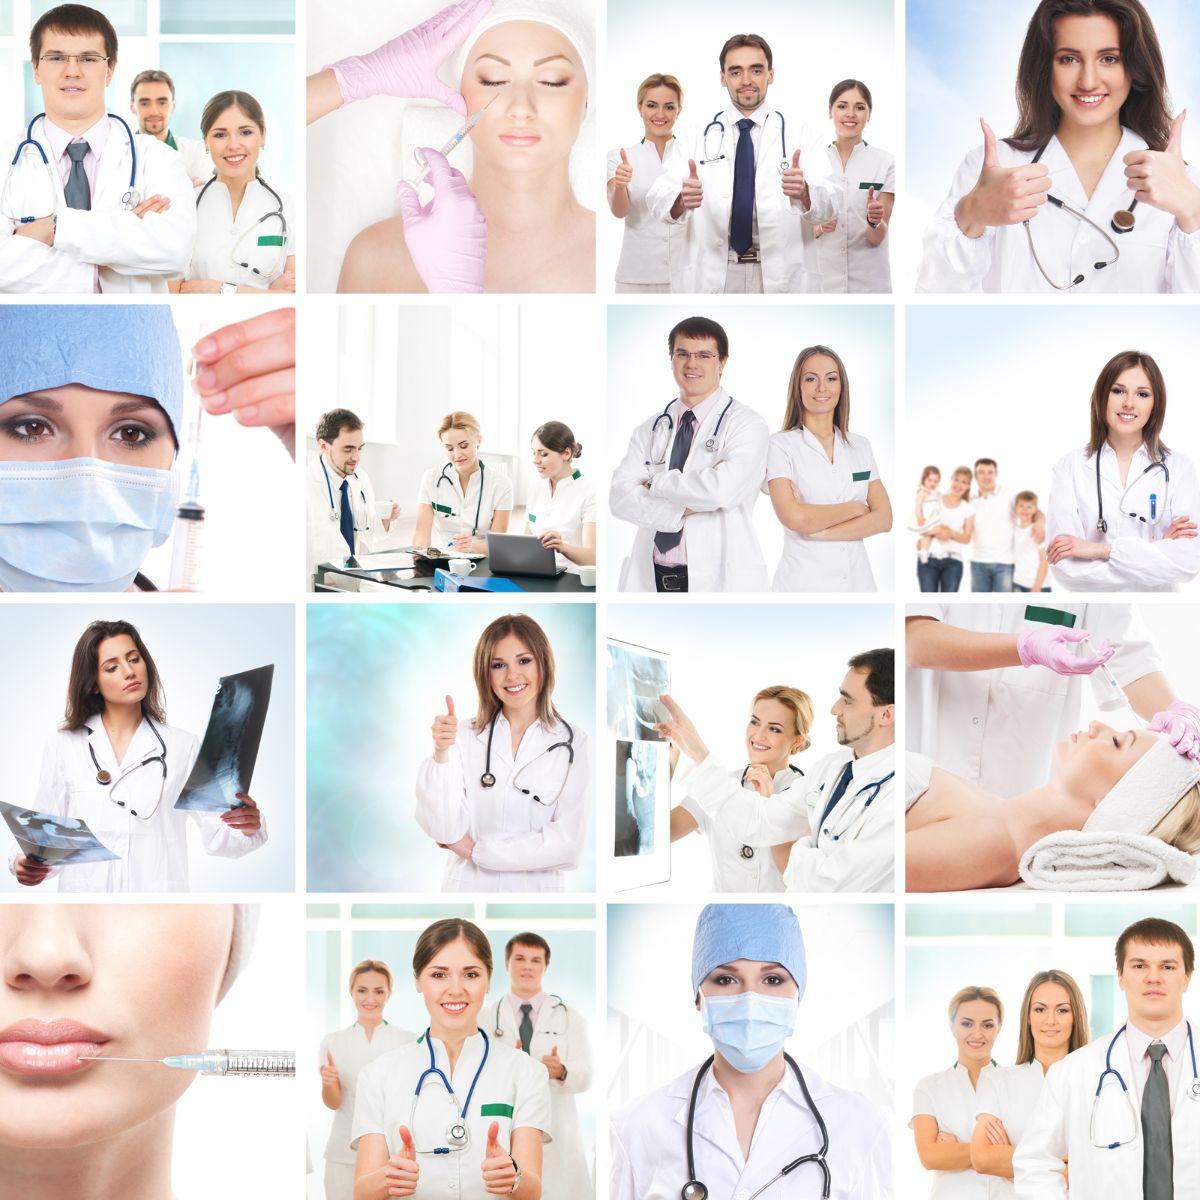 Mosaico de imágenes de cirugia estetica